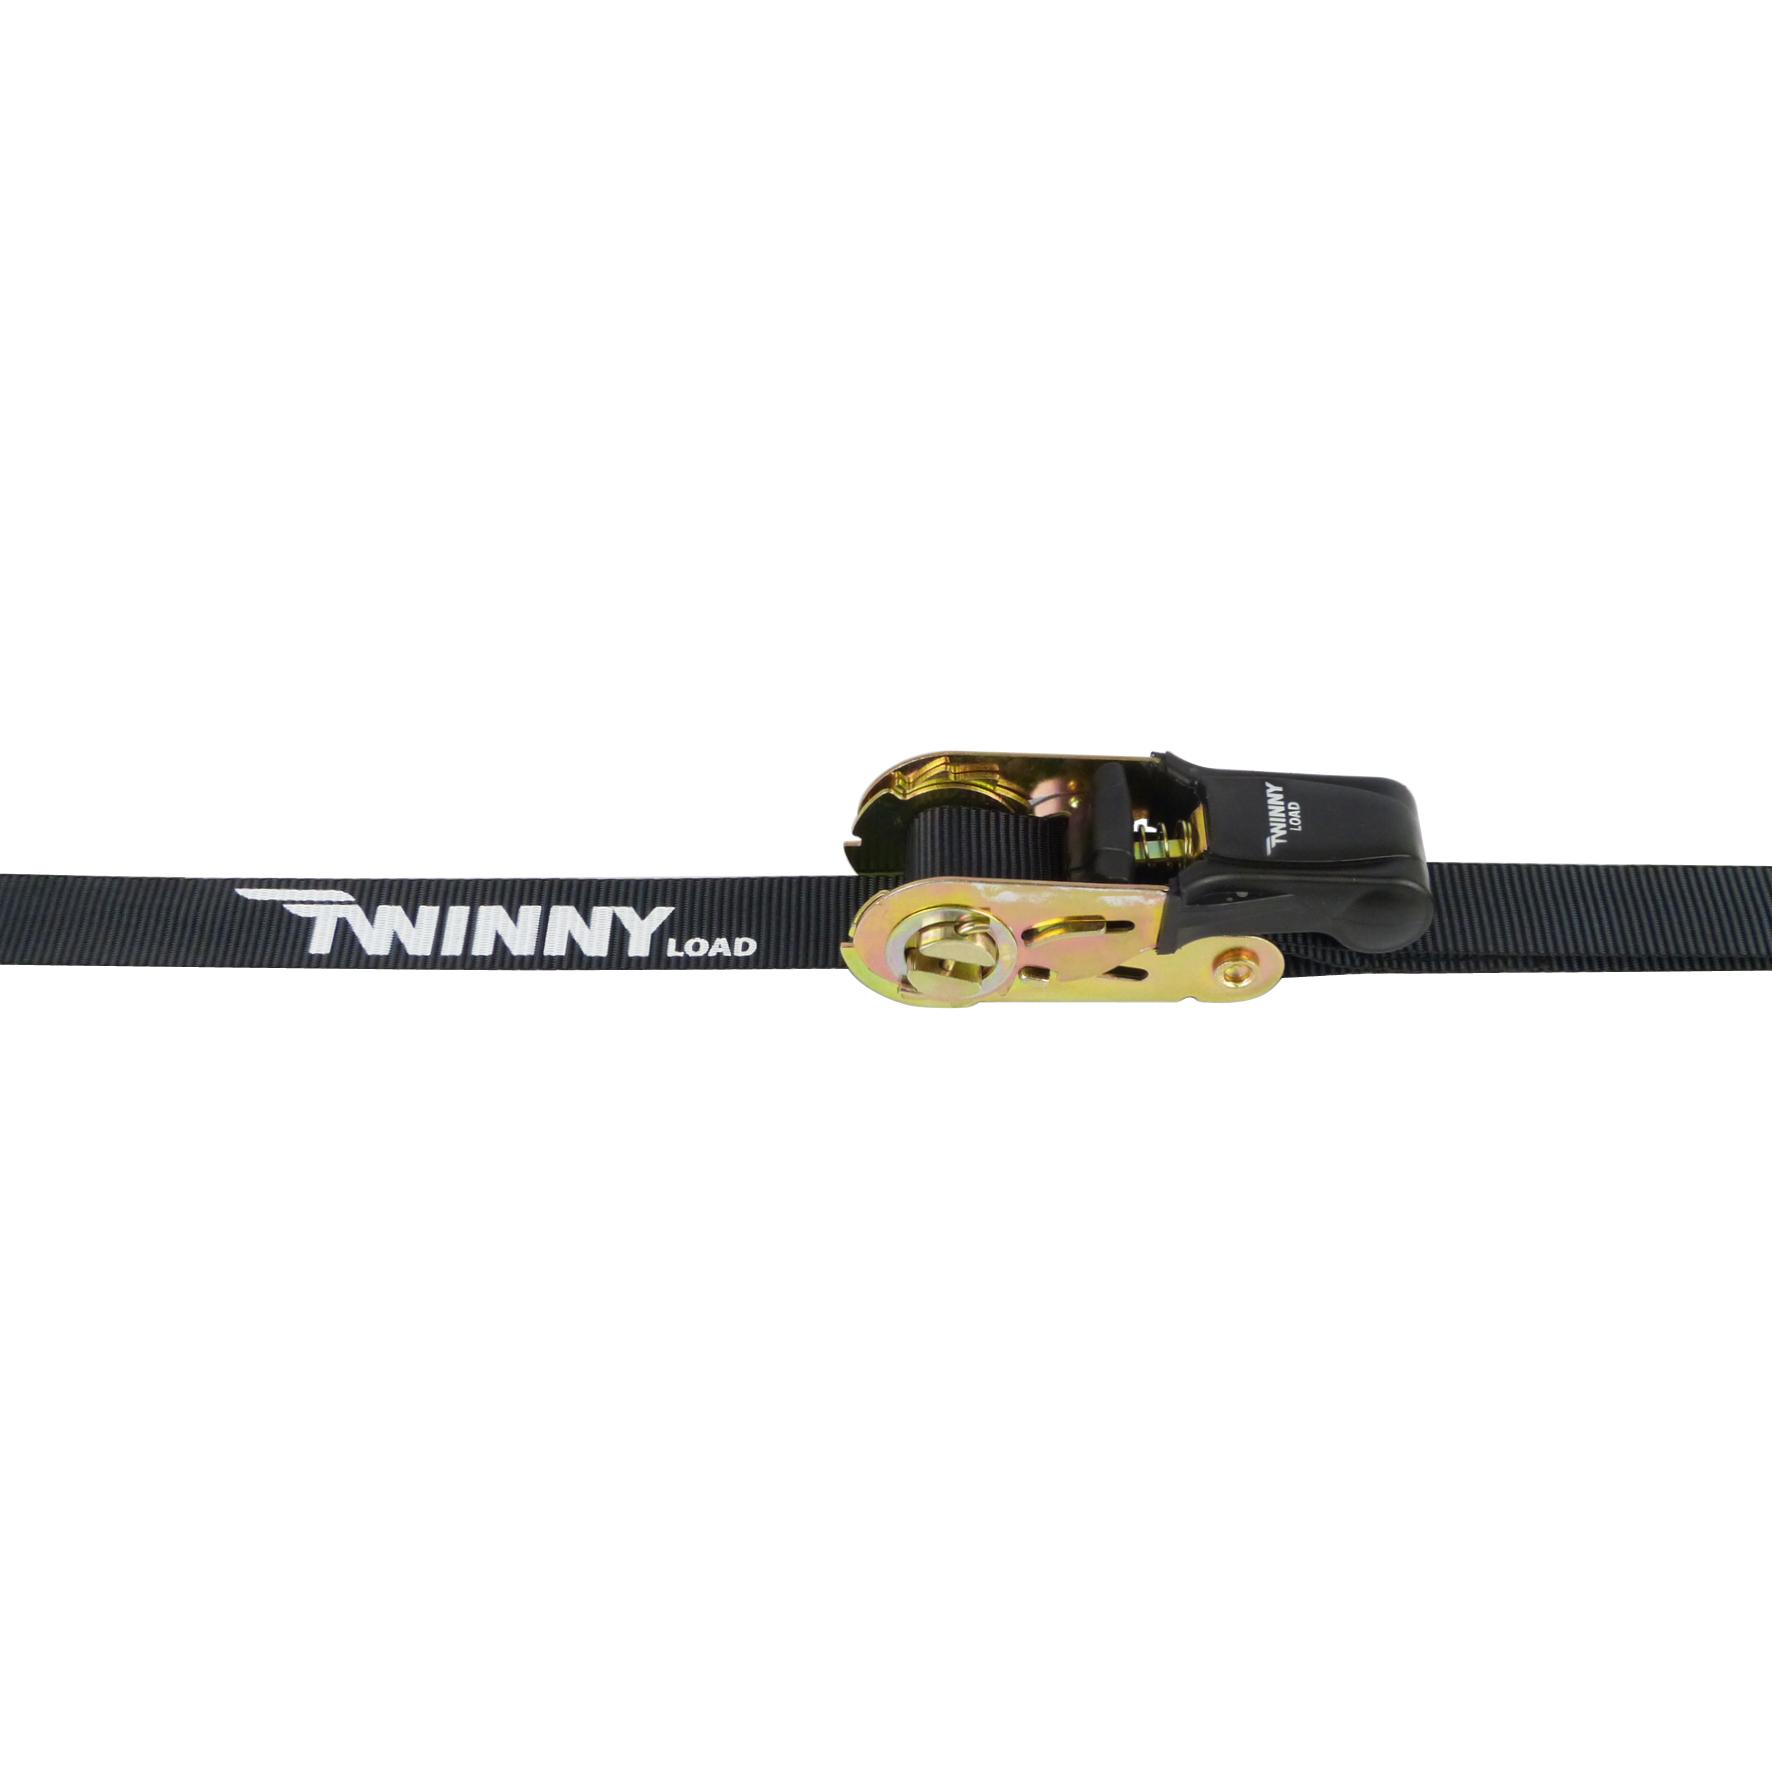 Twinny Load 627998030 Spanband 25mm x 5m 4 stuks